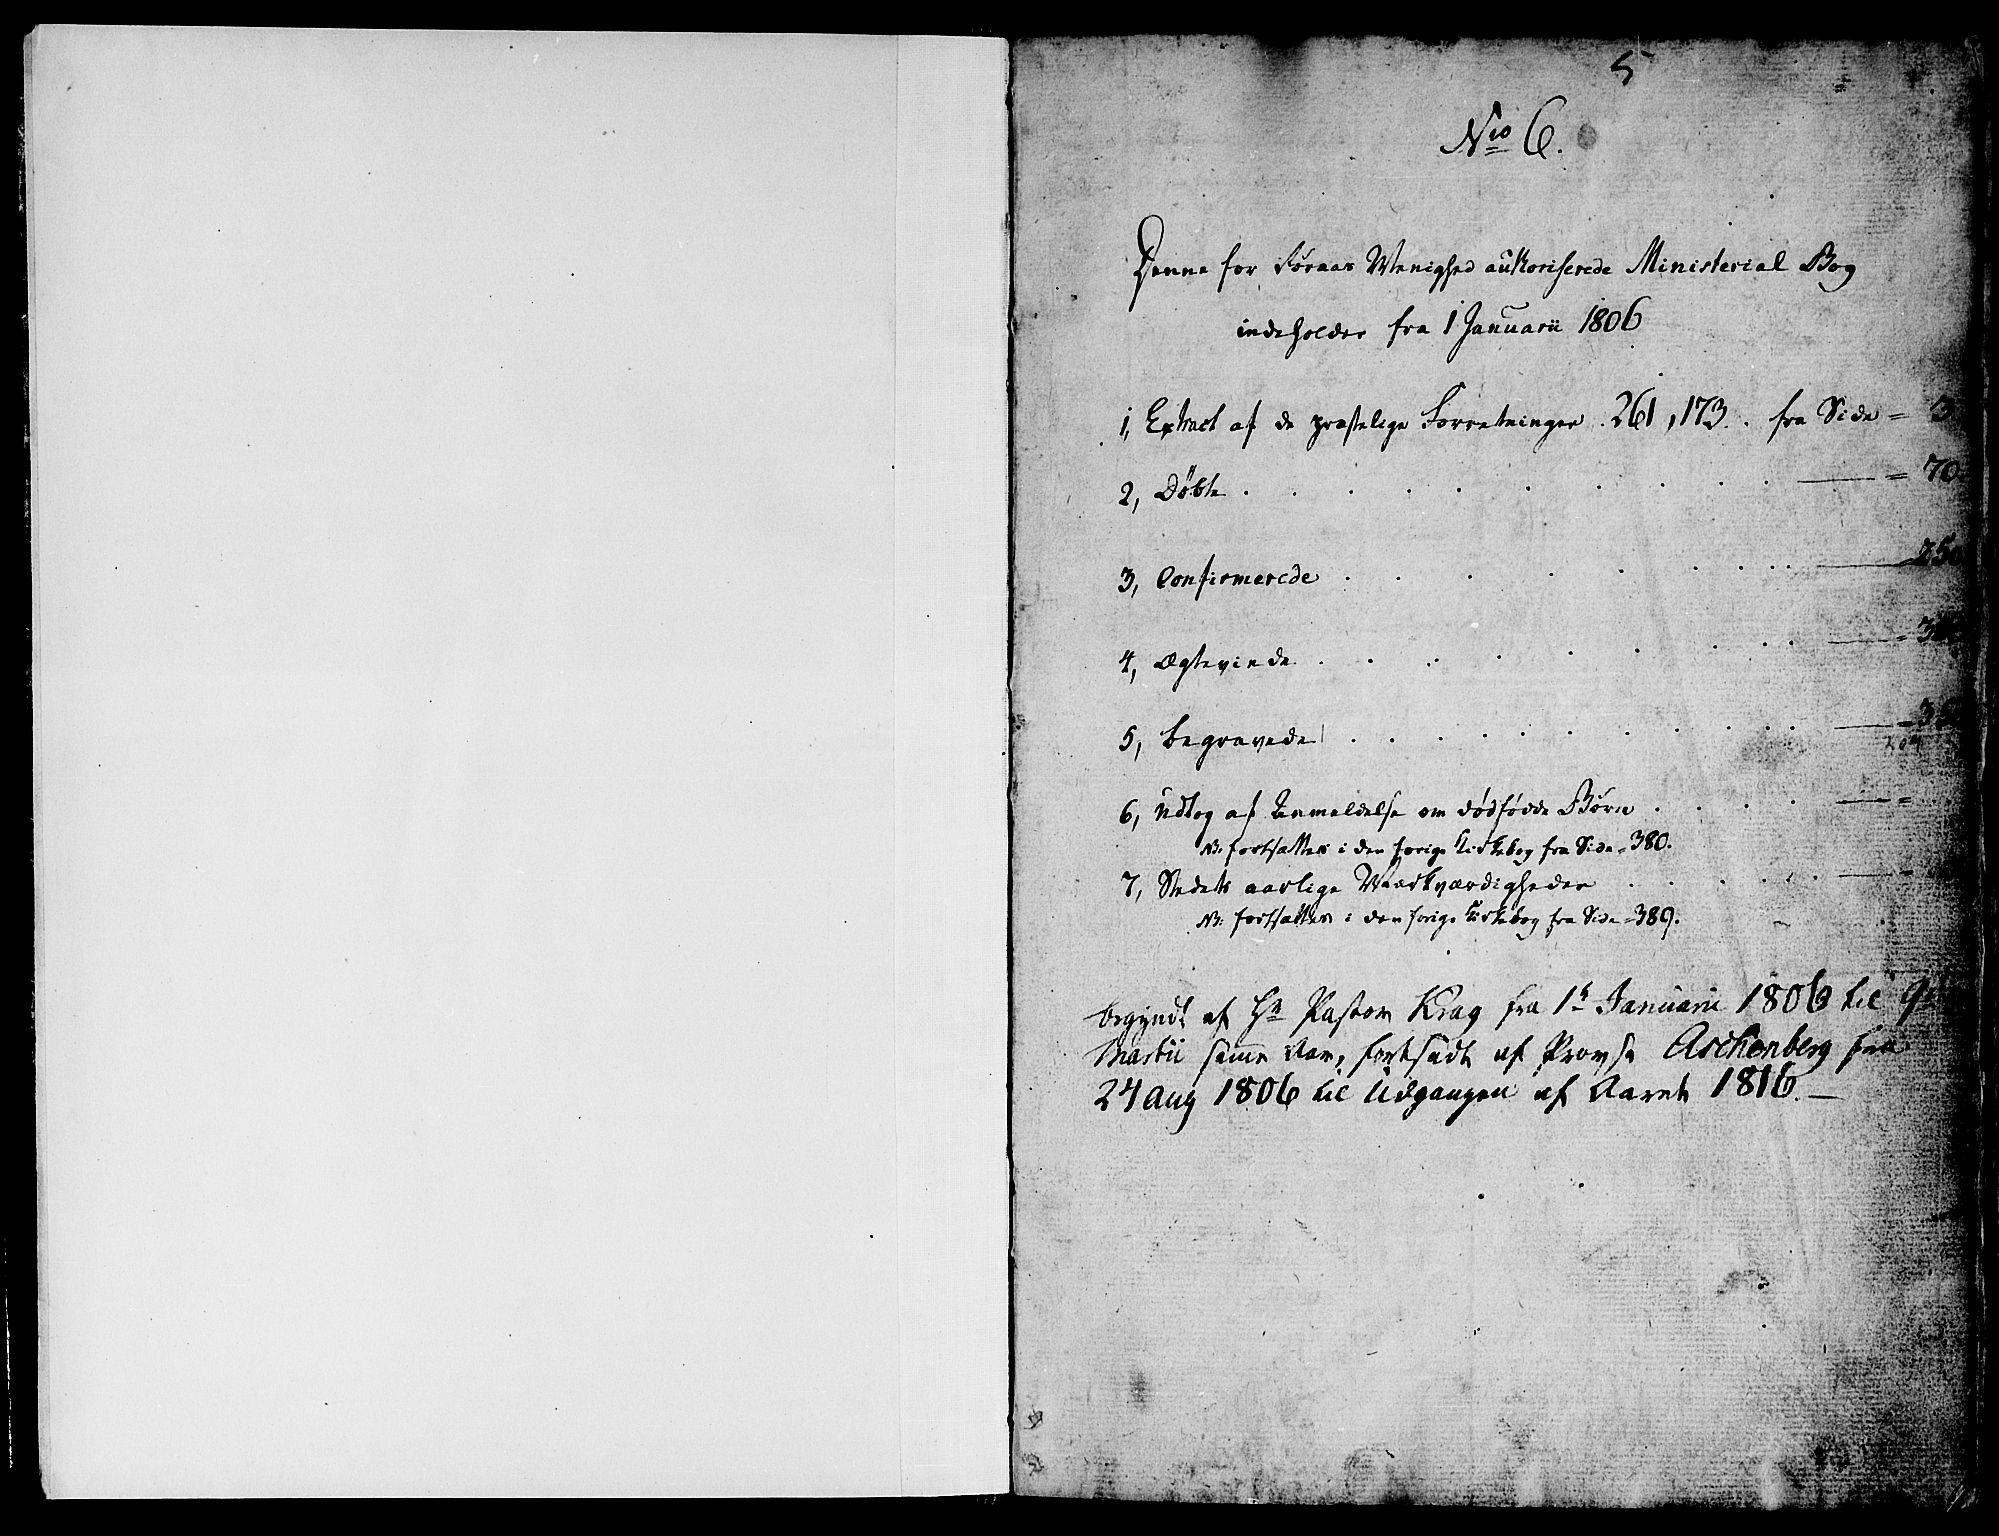 SAT, Ministerialprotokoller, klokkerbøker og fødselsregistre - Sør-Trøndelag, 681/L0928: Ministerialbok nr. 681A06, 1806-1816, s. 0-1